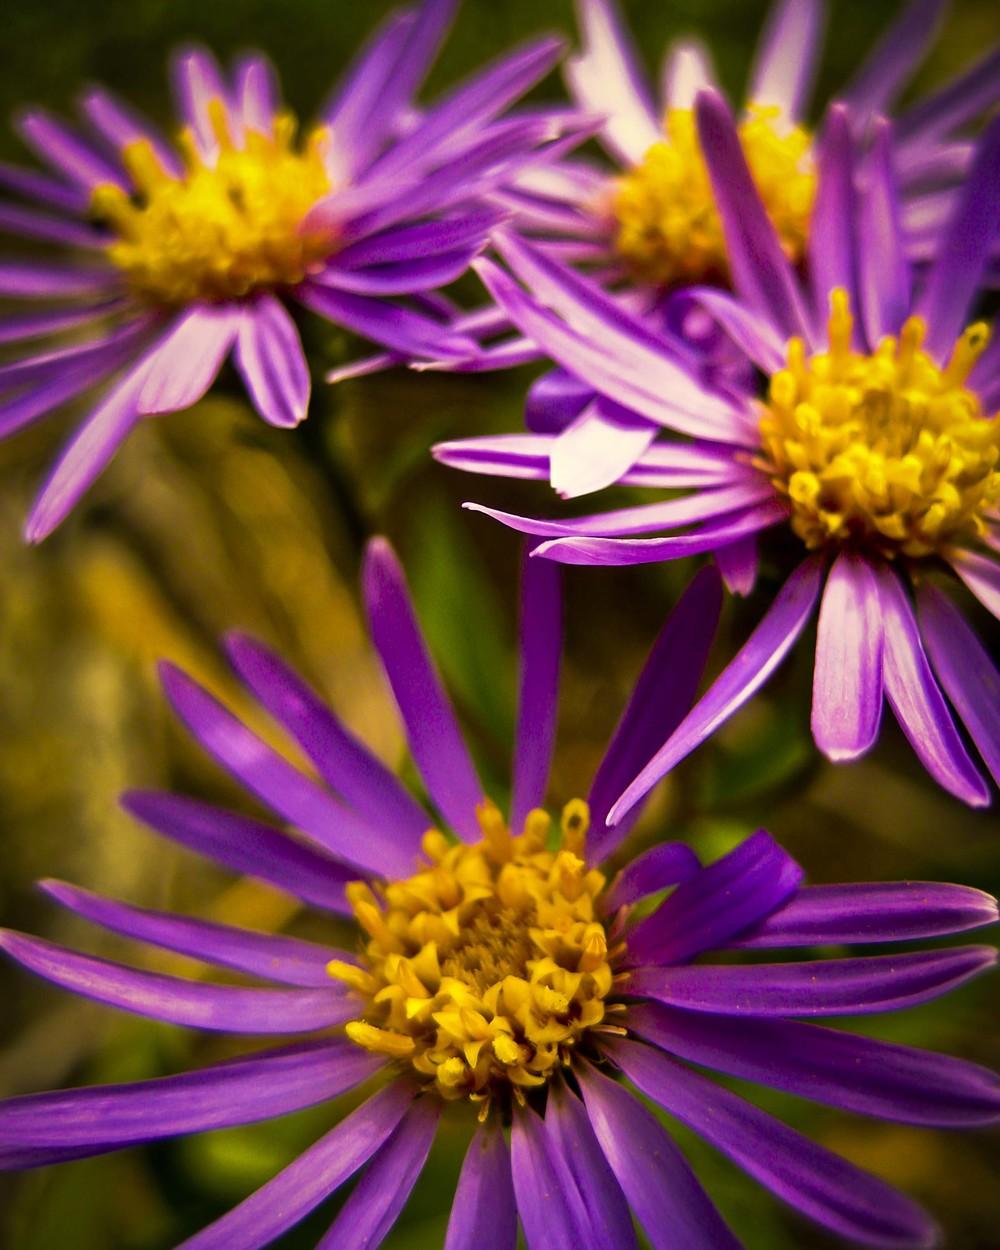 Keen-EyePhoto-dot-com_Flowers (14).jpeg